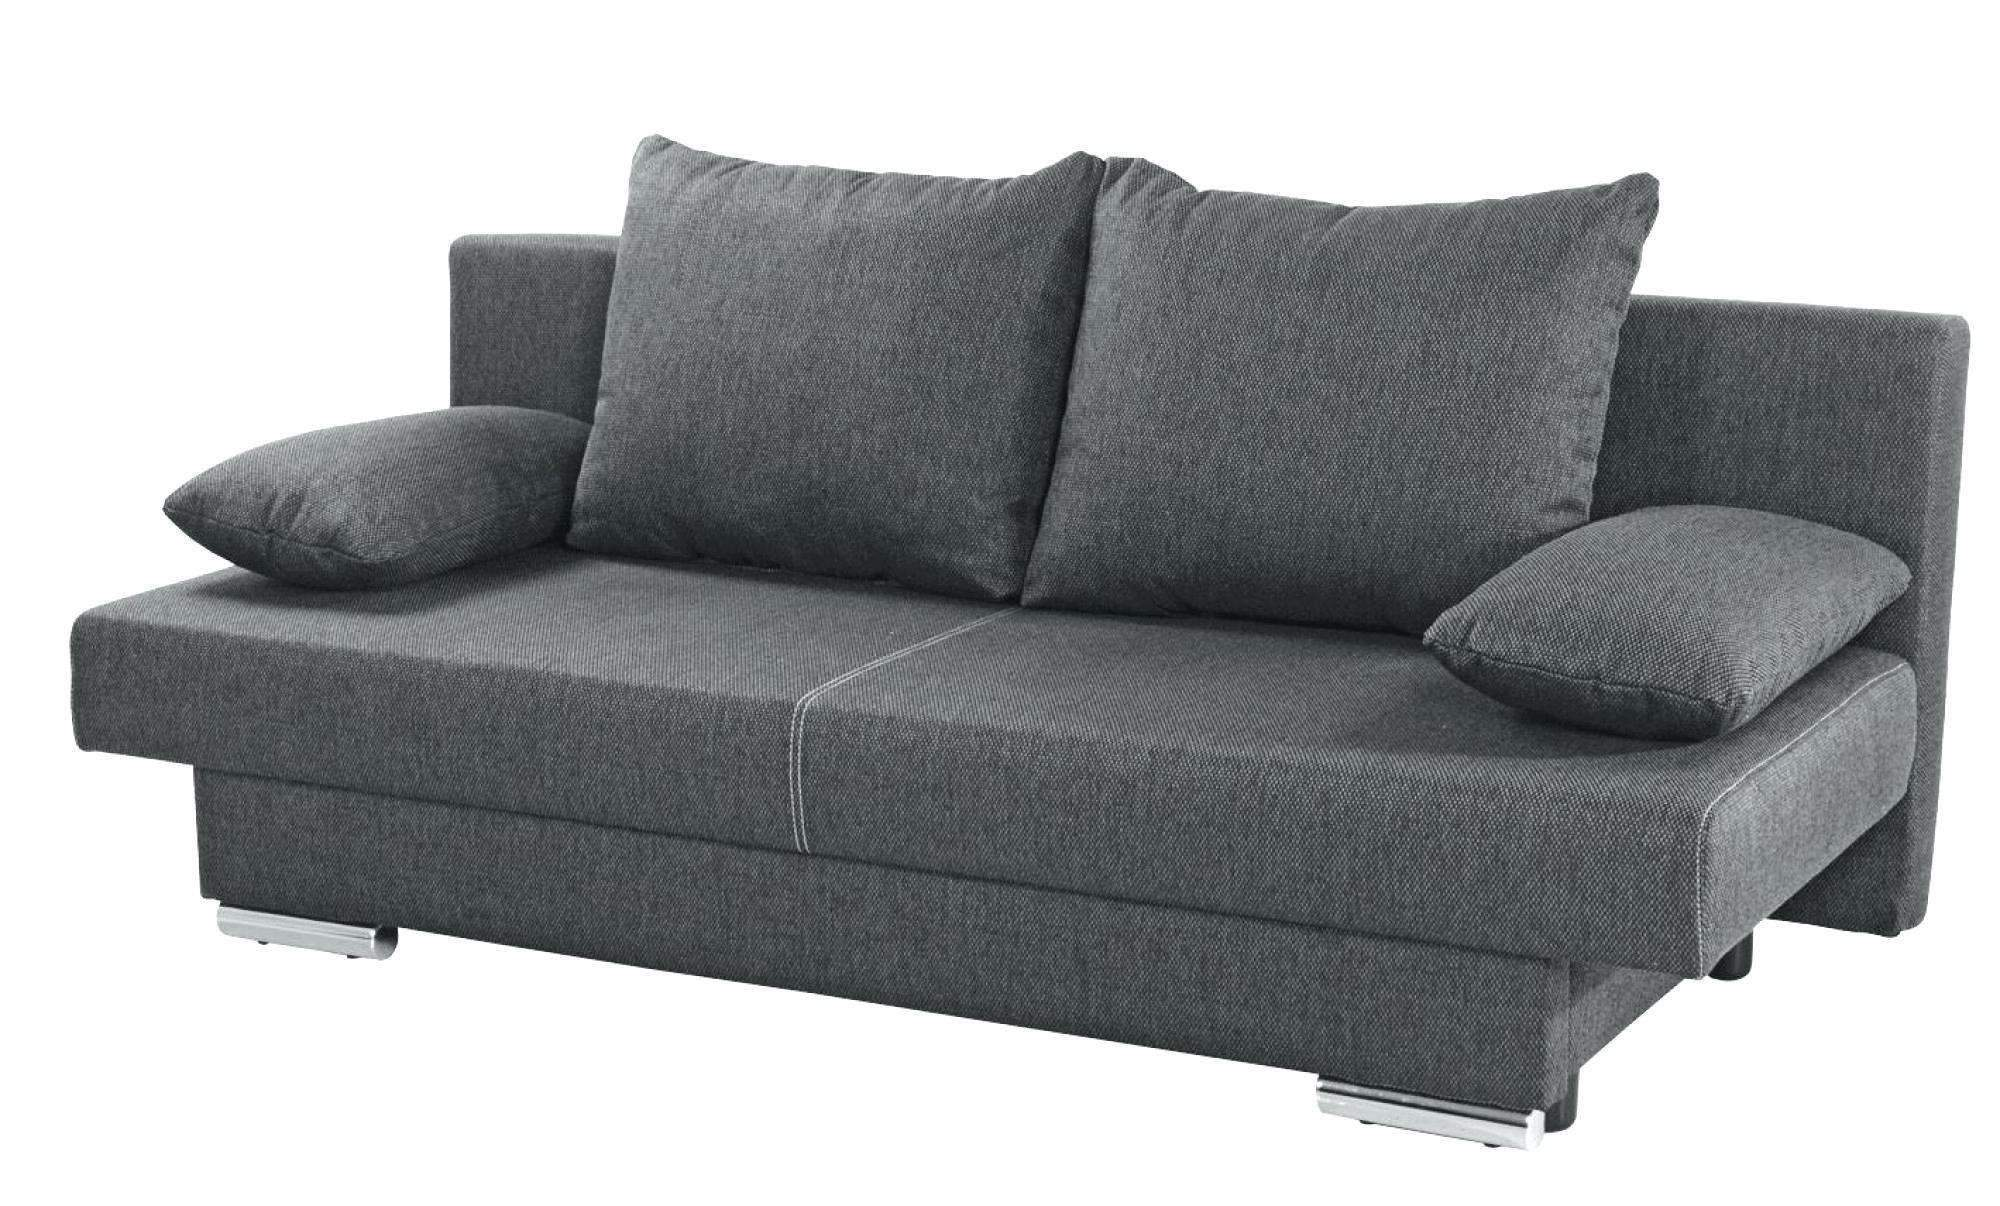 liege wohnzimmer inspirierend wohnzimmer ecksofa neu 4 sitzer sofa ecksofa stoff 0d of liege wohnzimmer